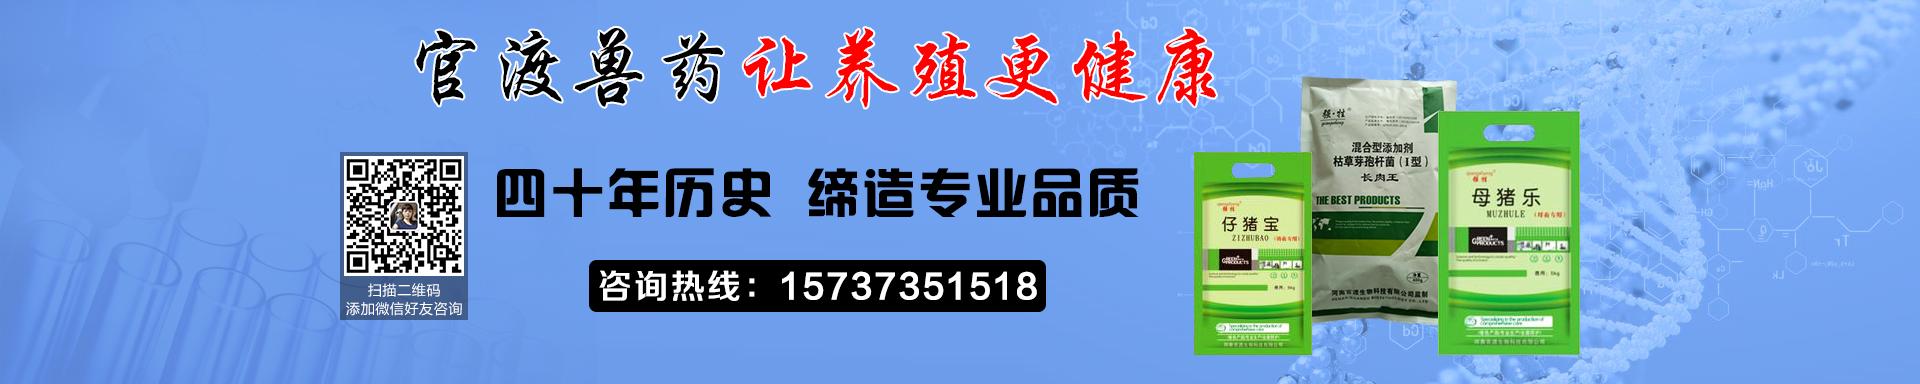 河南官渡生物科技有限公司